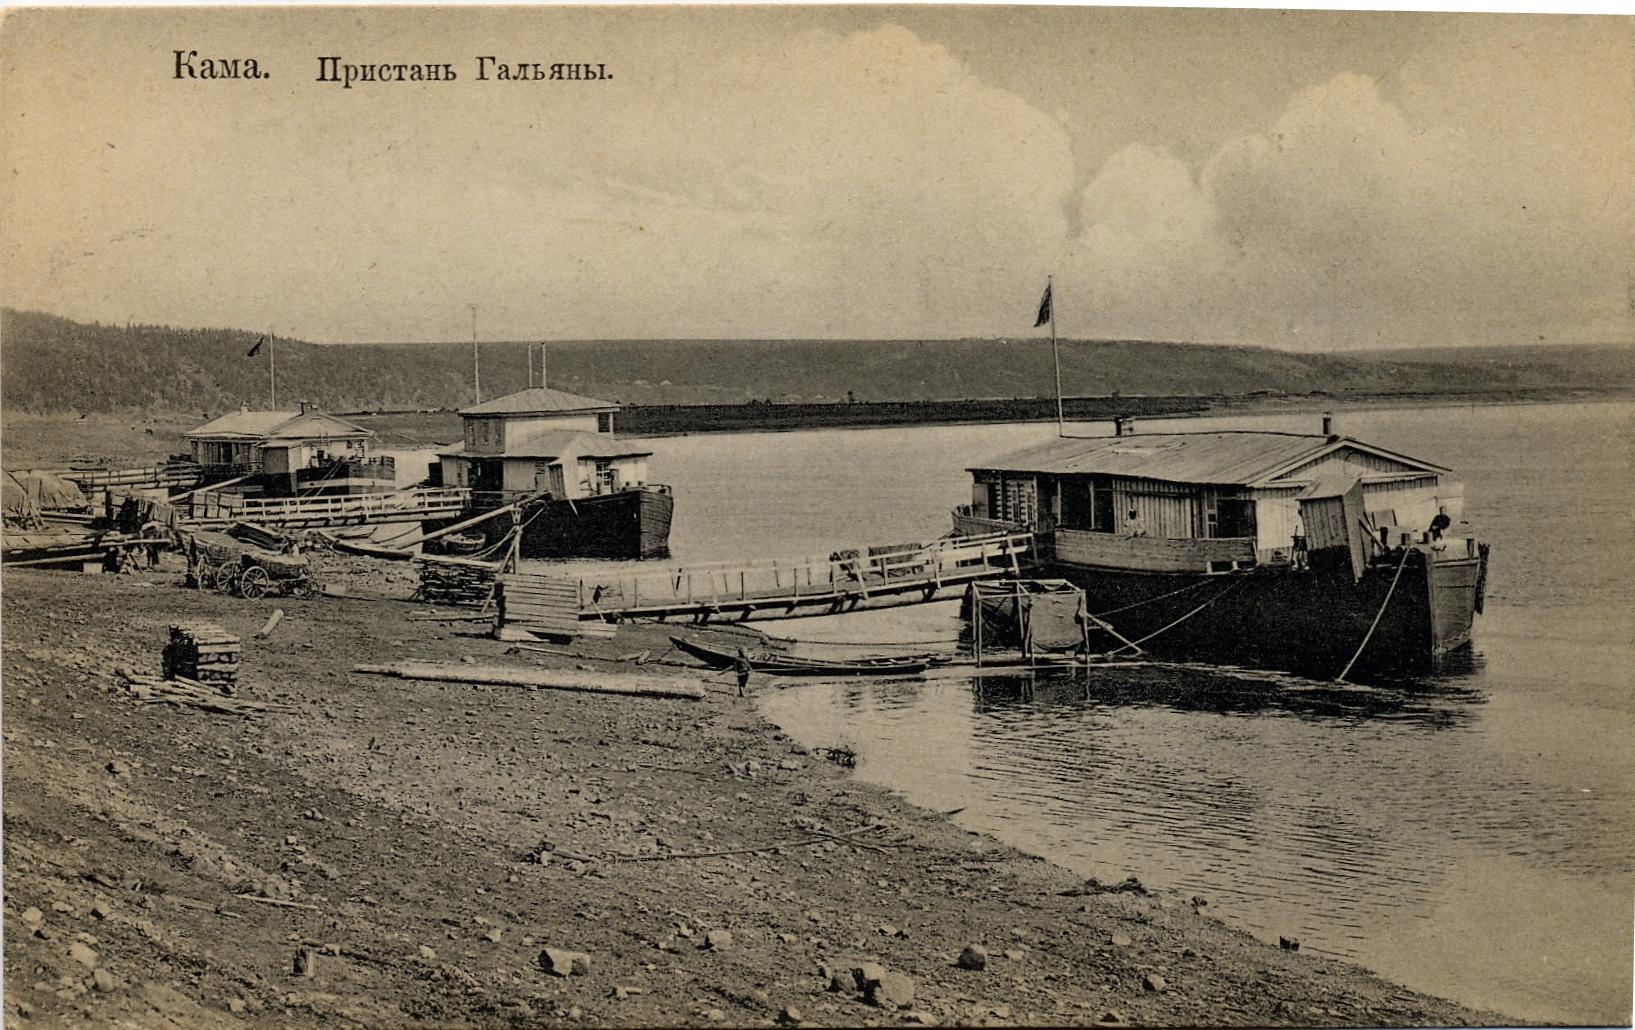 Окрестности Воткинского завода. Пристань Гольяны